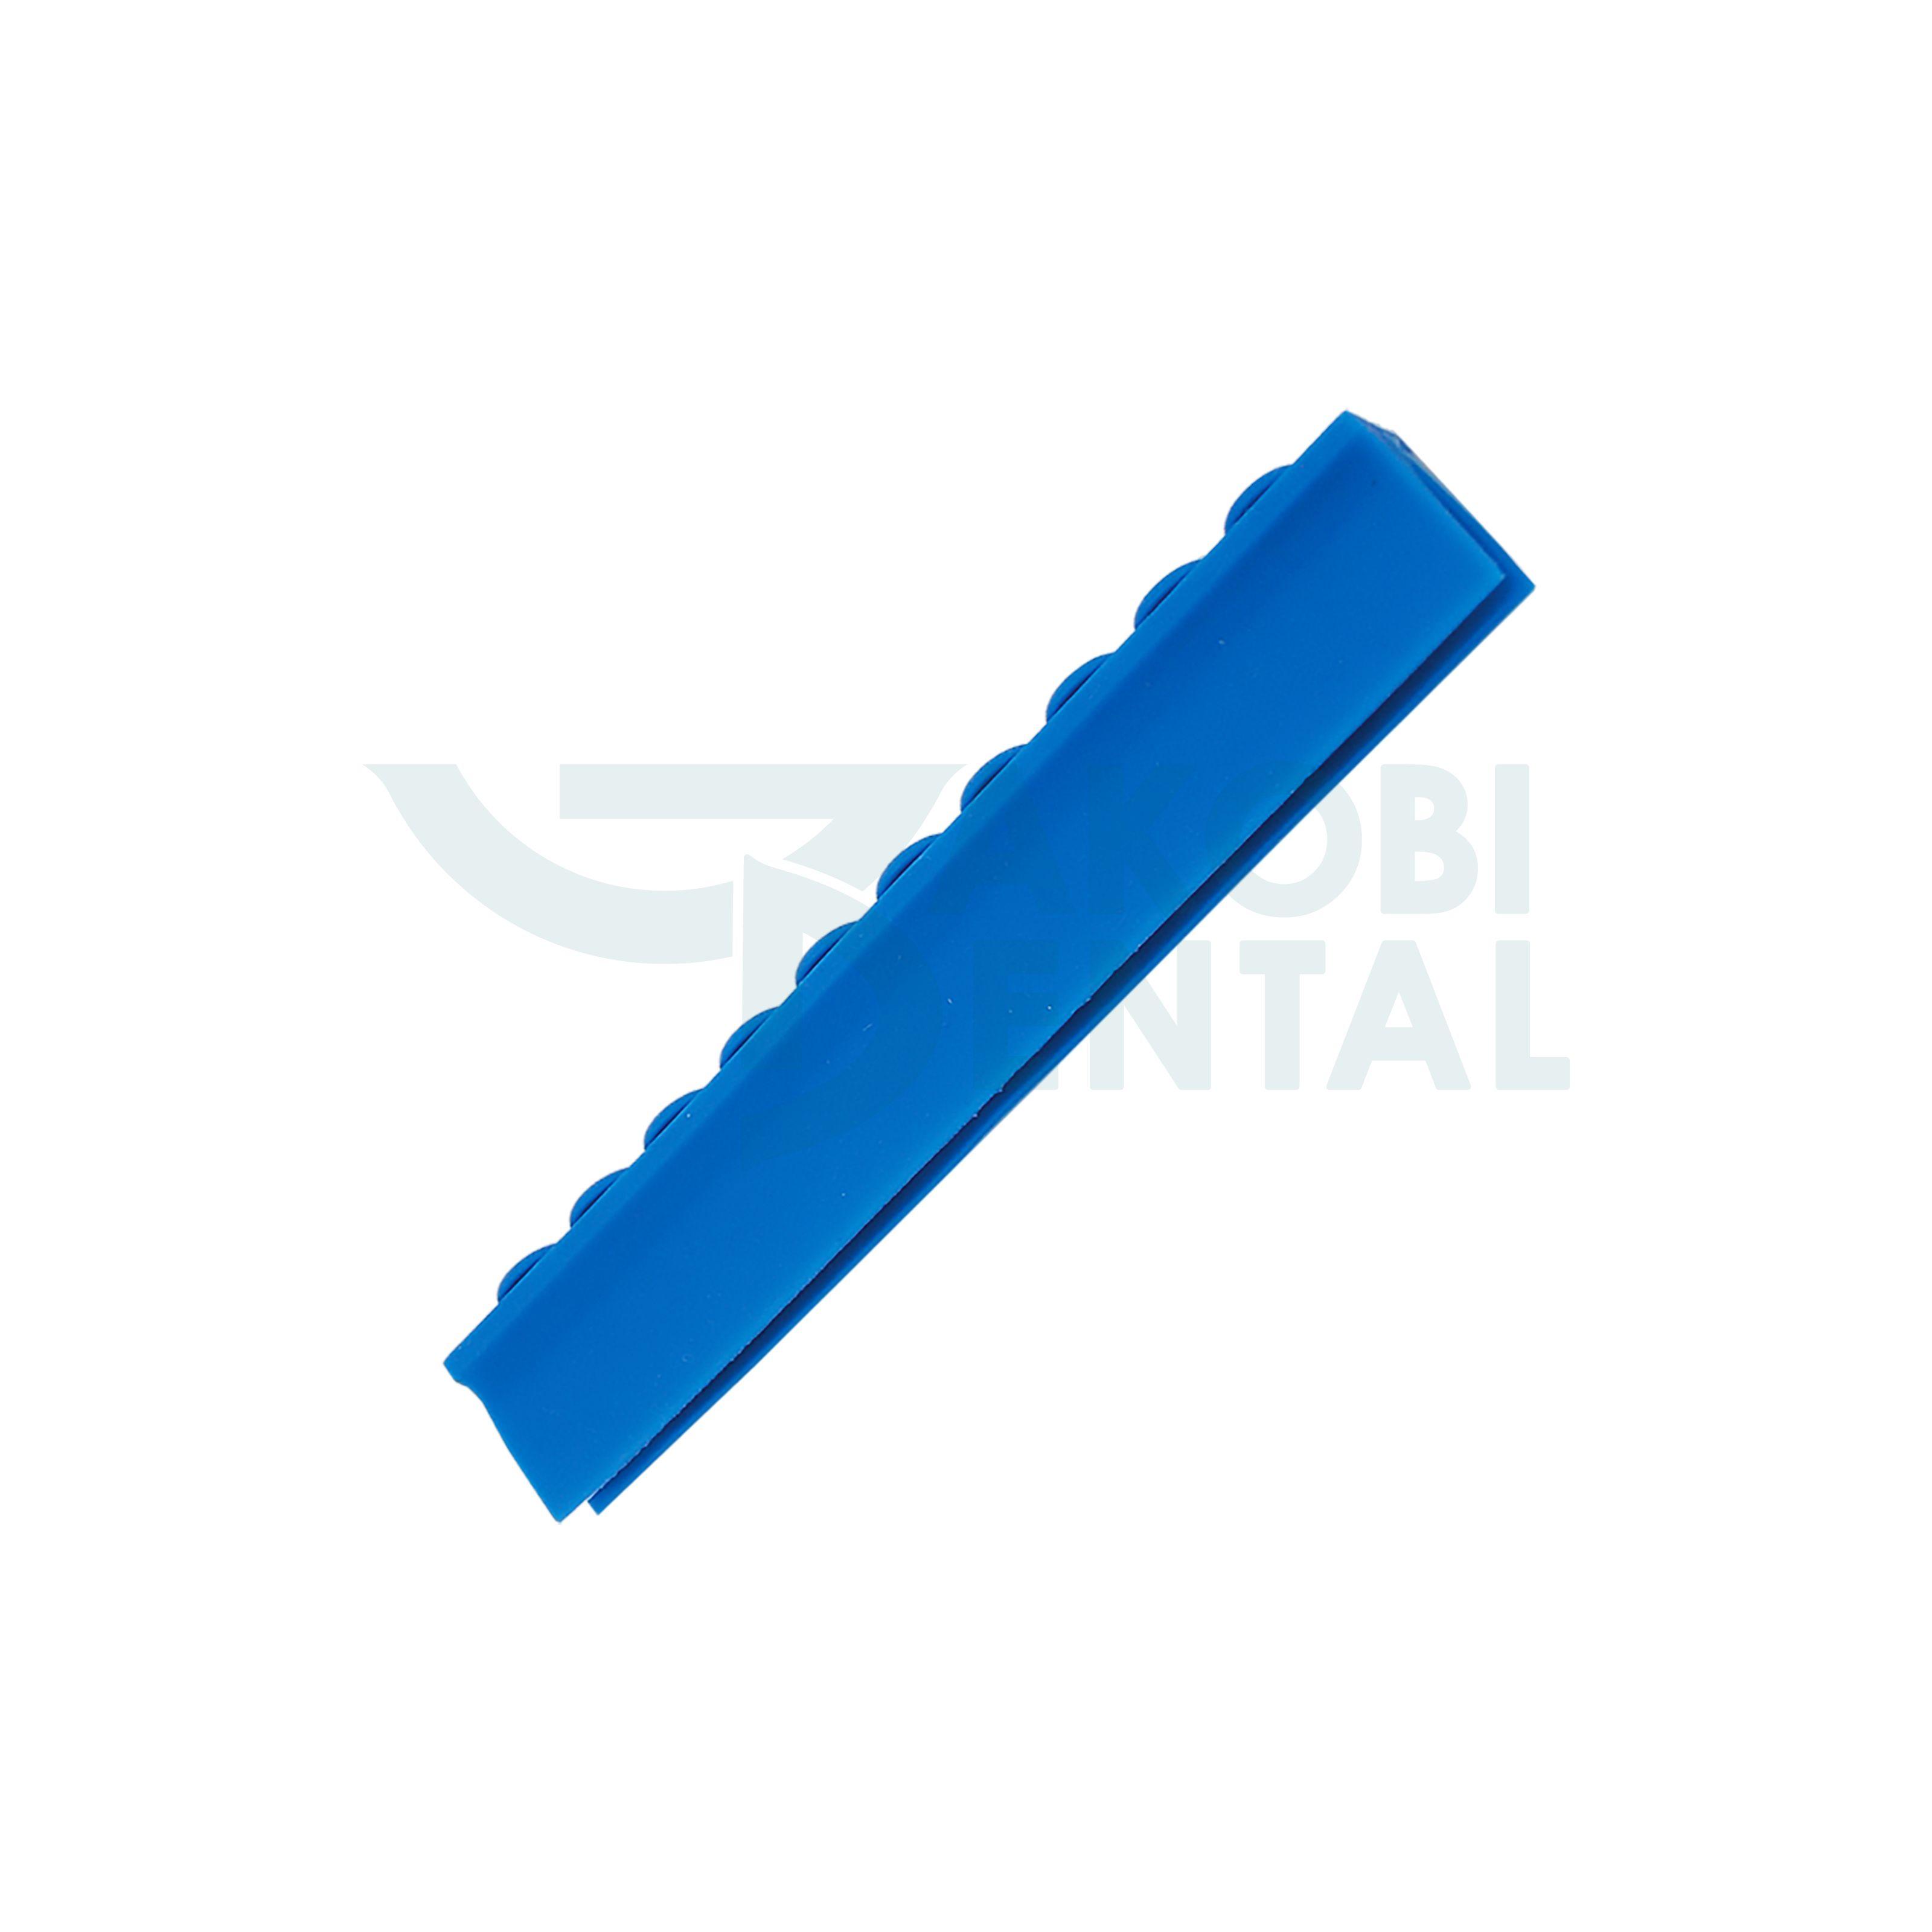 Deckelschiene für 10 Instrumente, blau